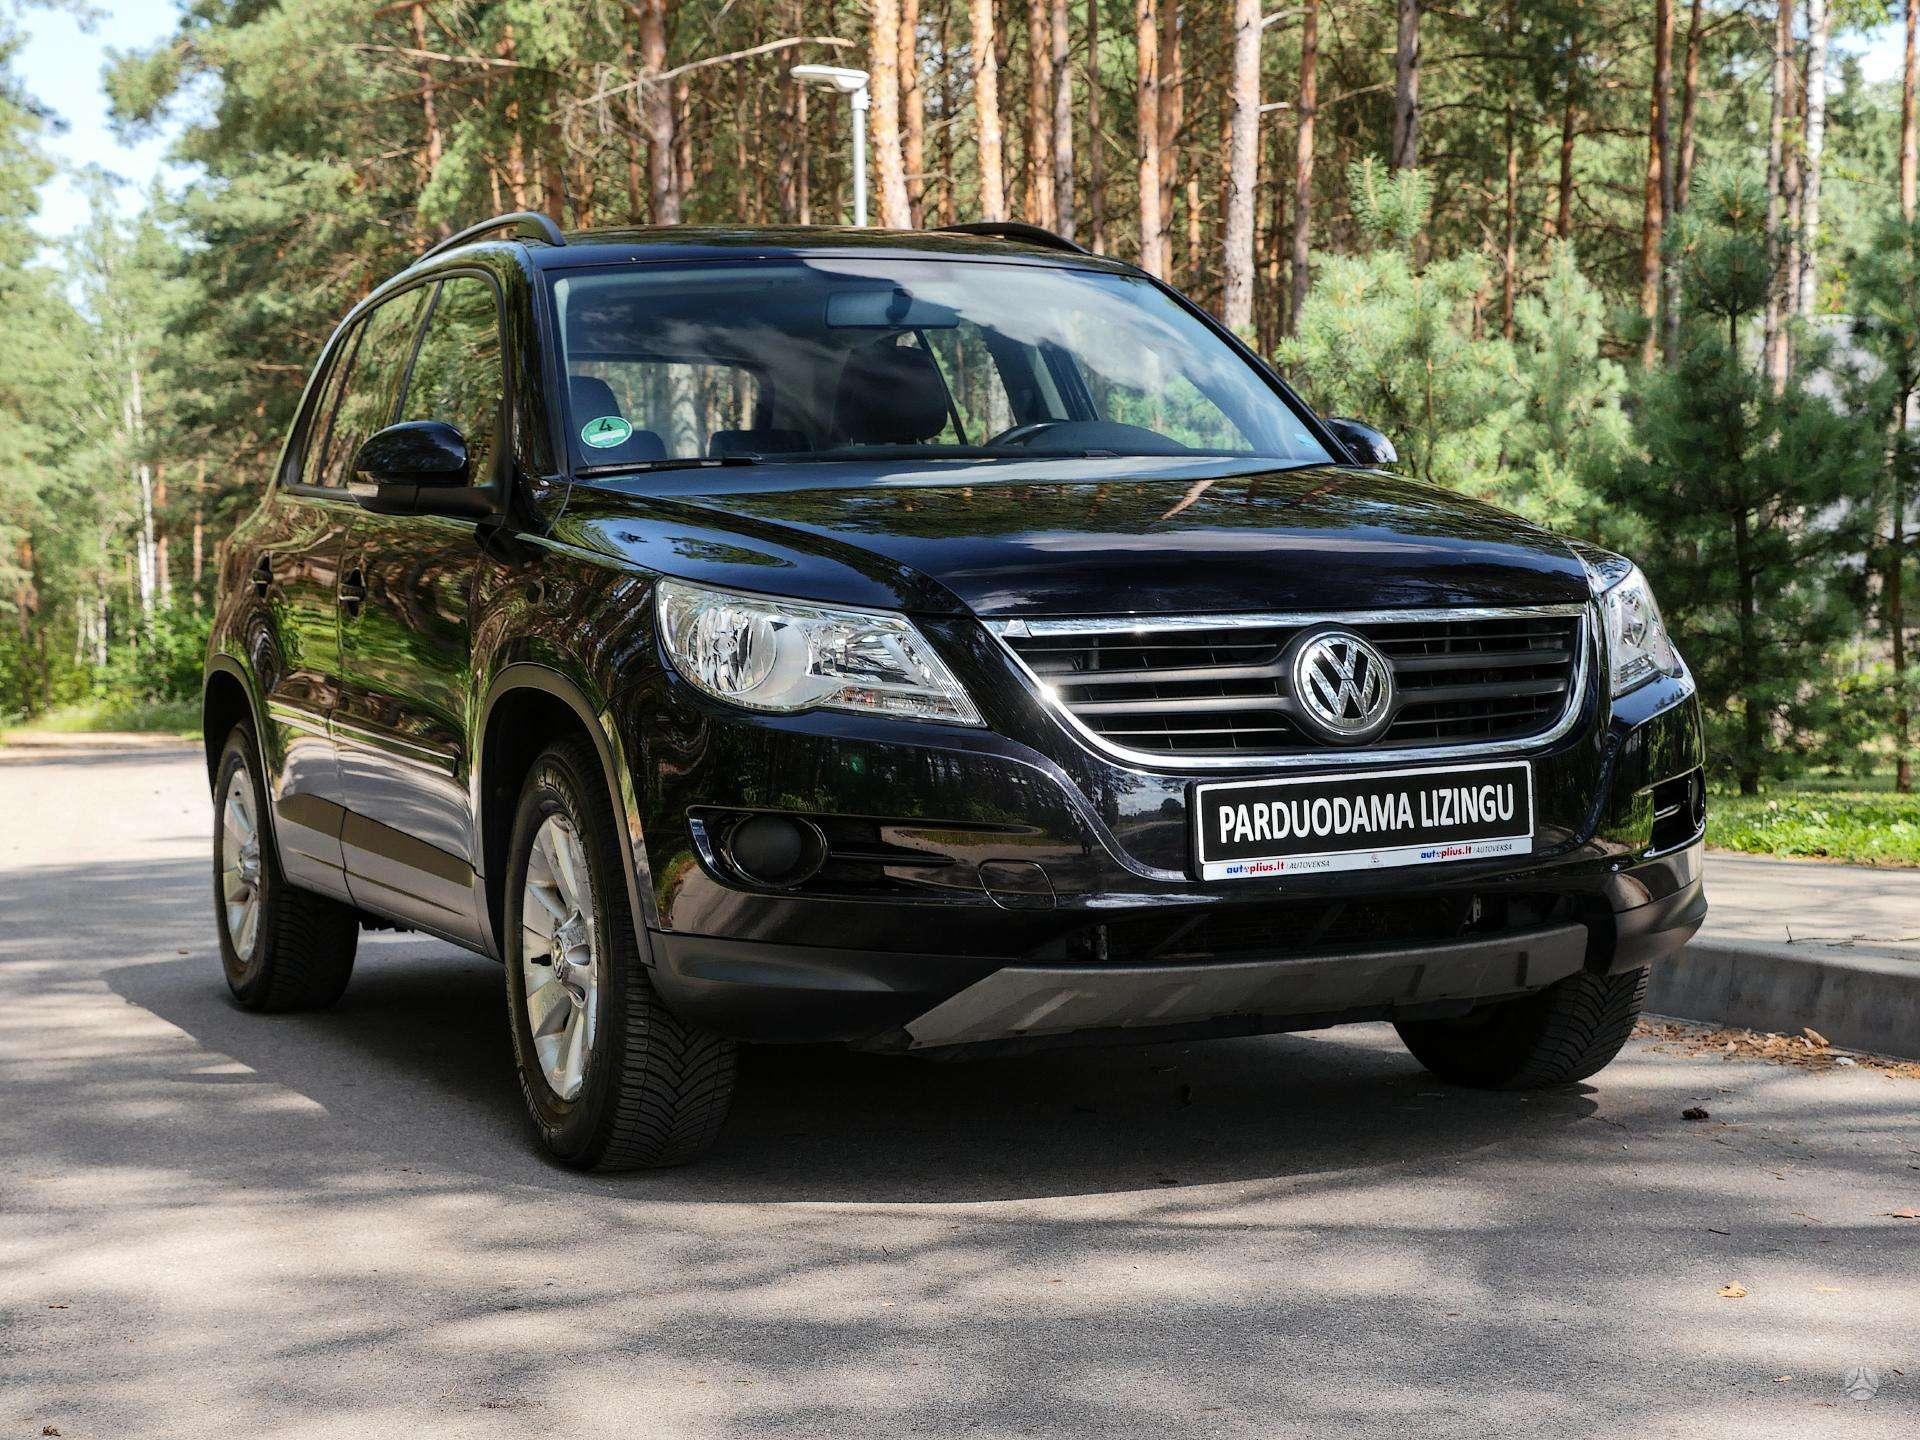 Volkswagen Tiguan Išsimokėtinai nuo 147Eur/Mėn su 3 mėnesių garantija